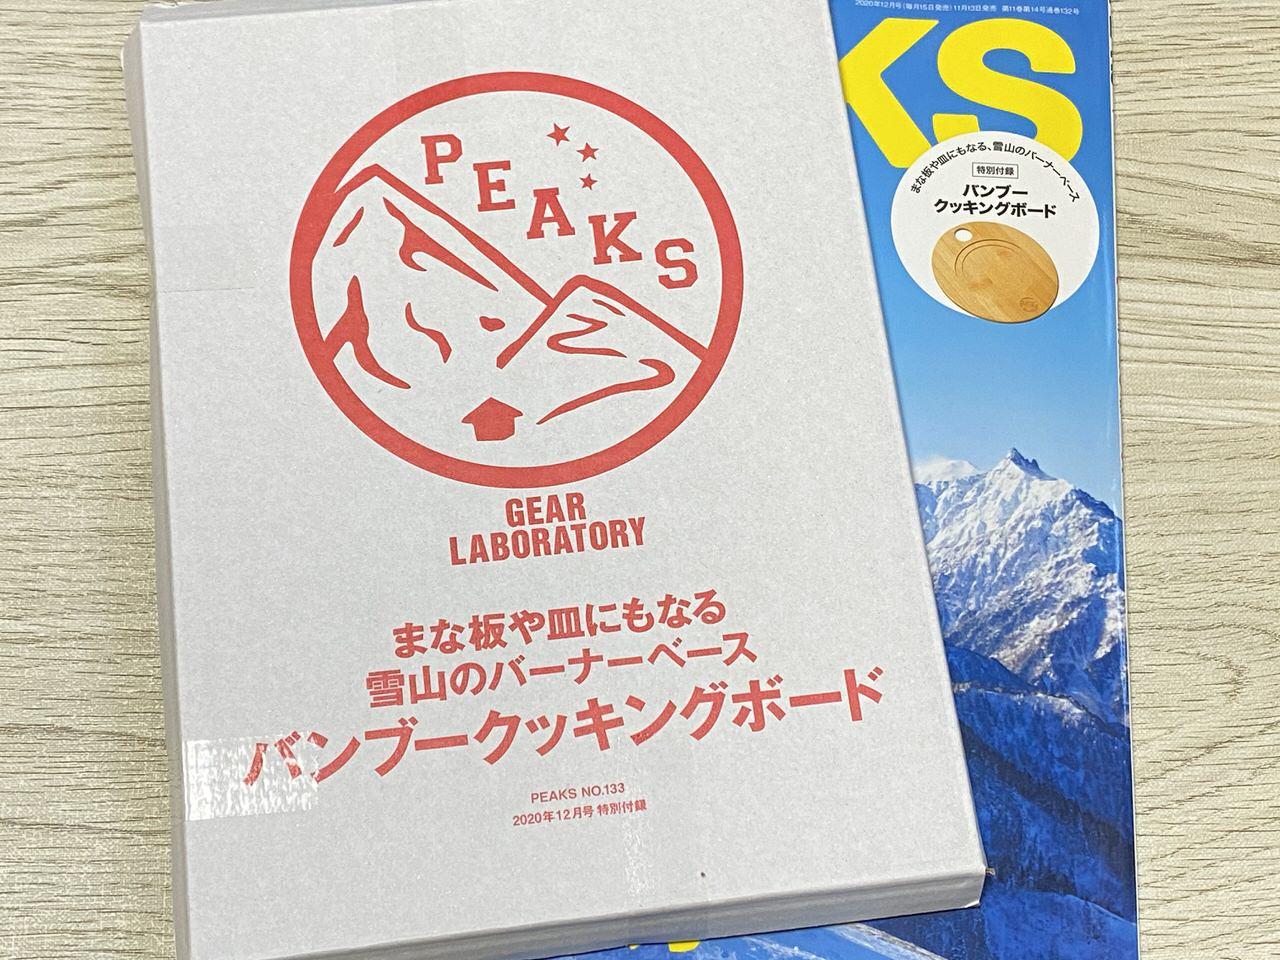 Peaks cooking board 202011 1